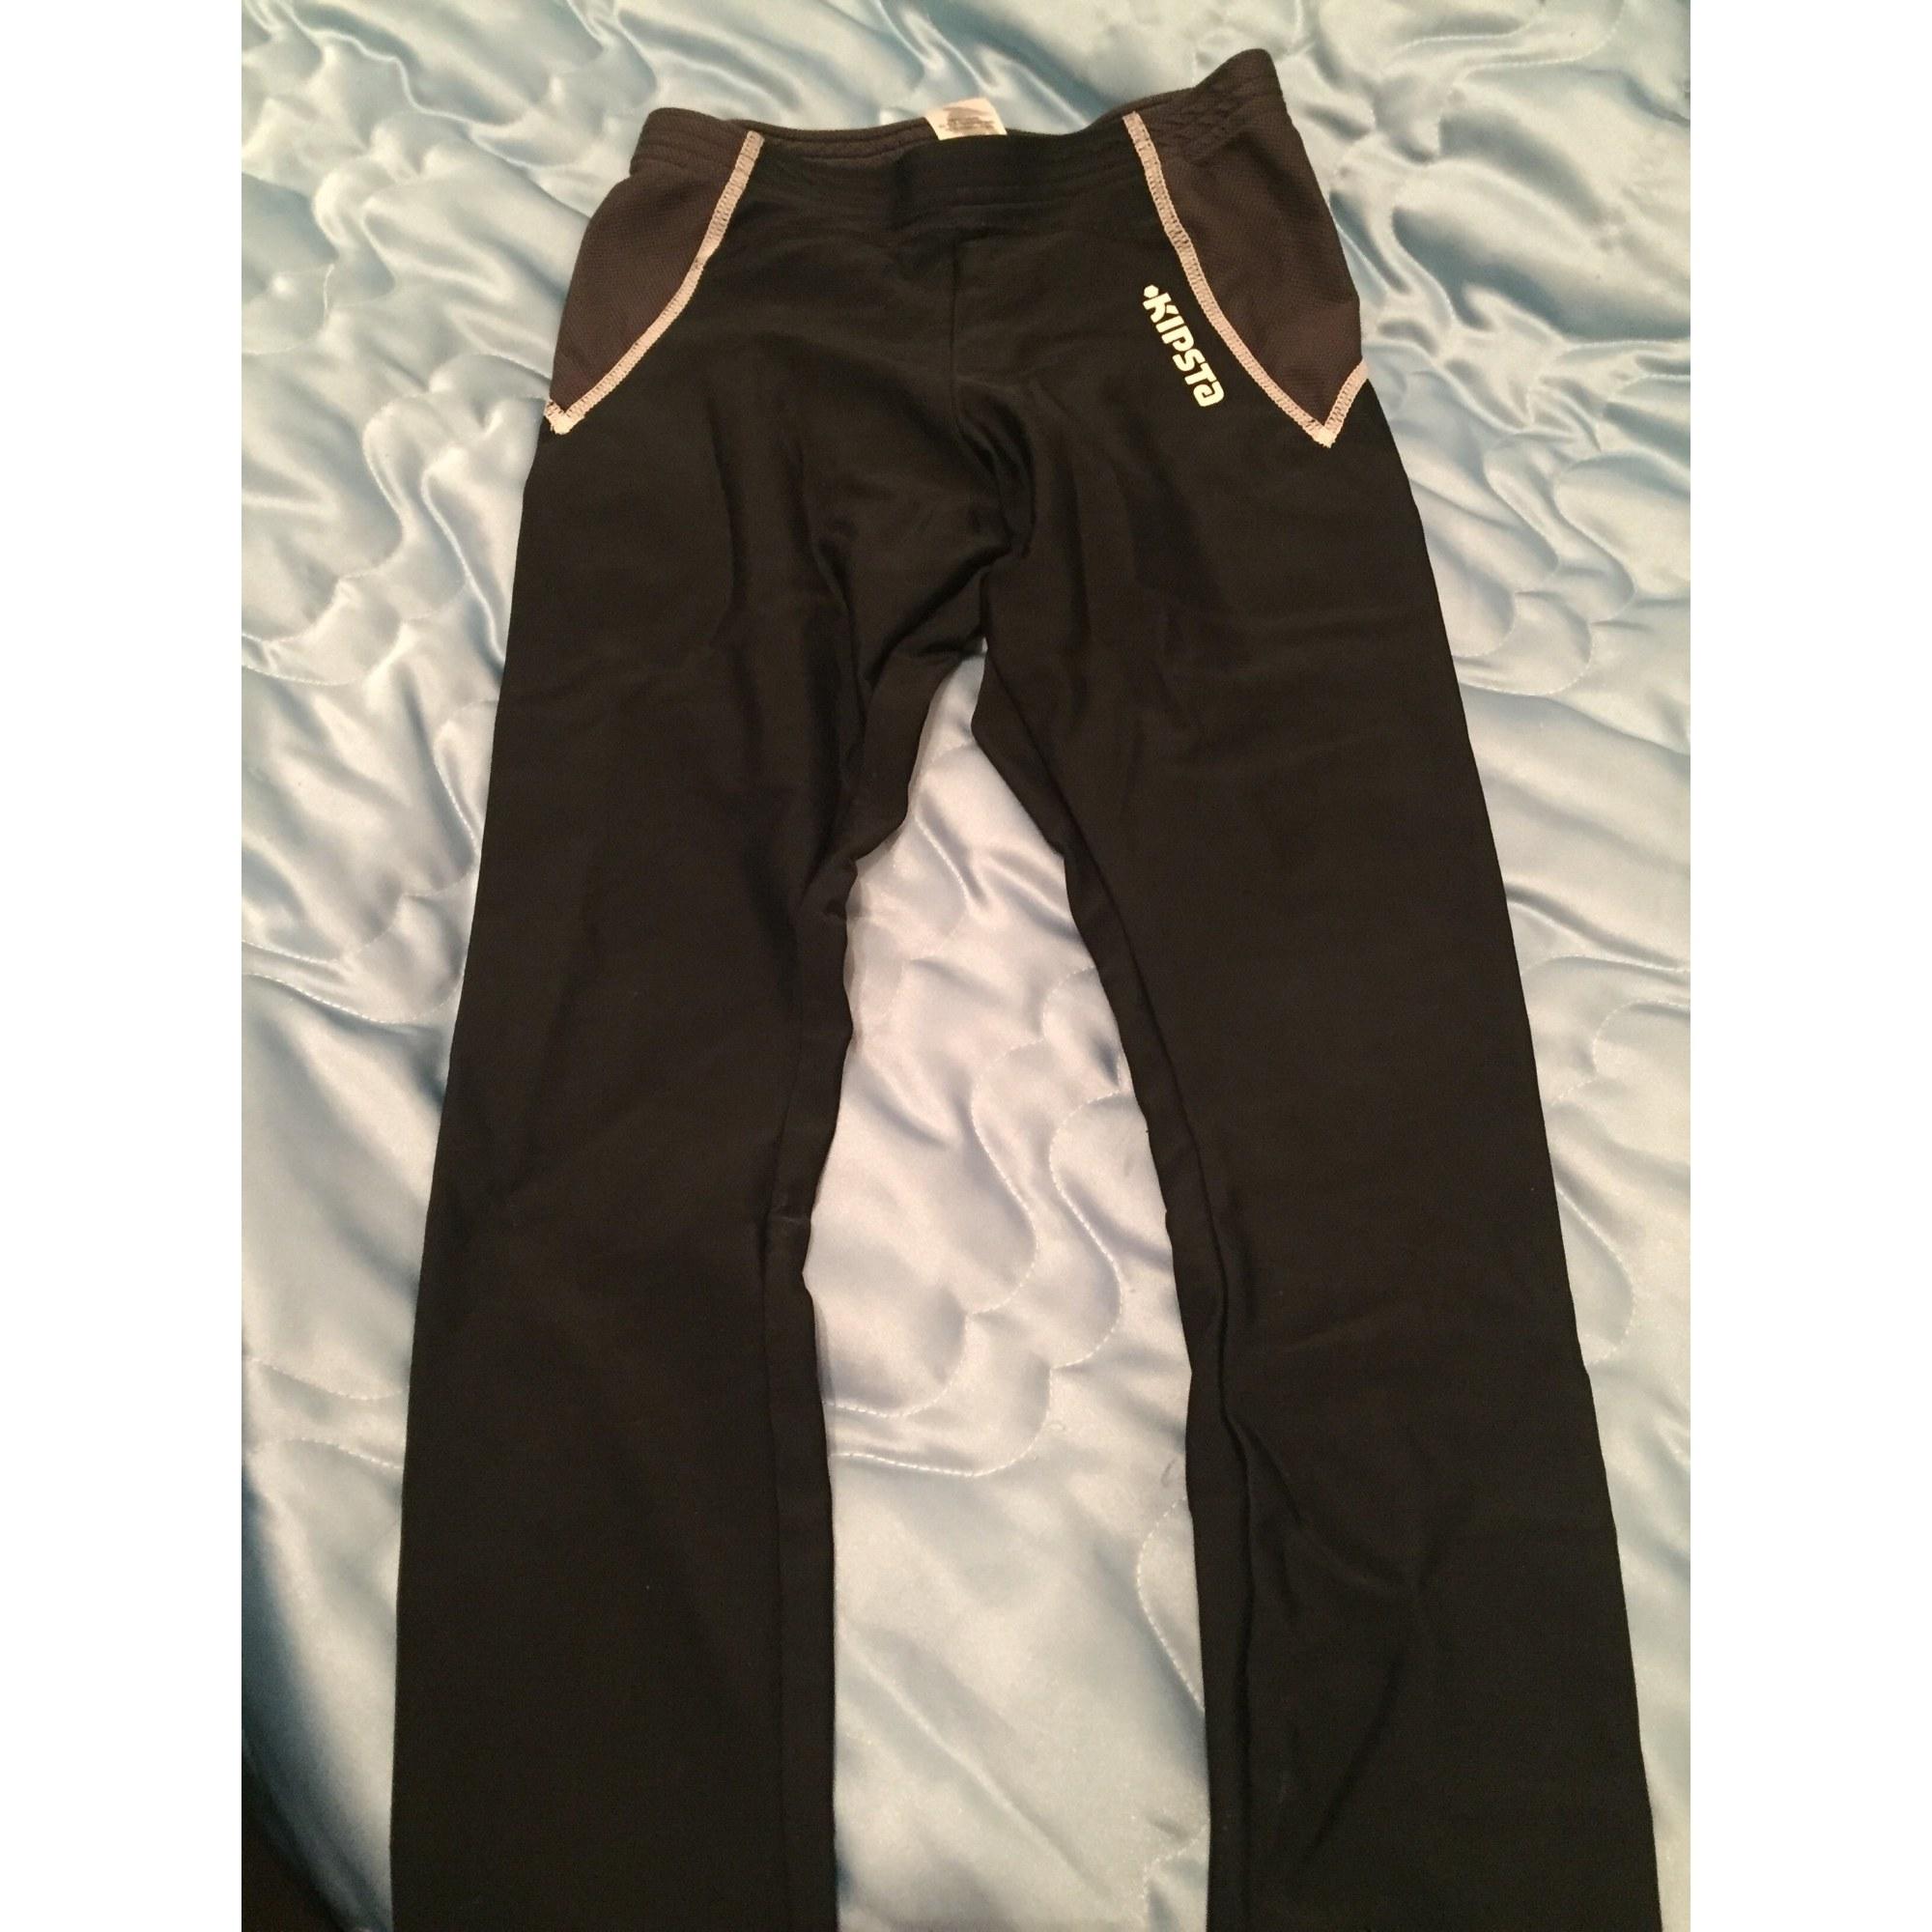 Pantalon KIPSTA Noir